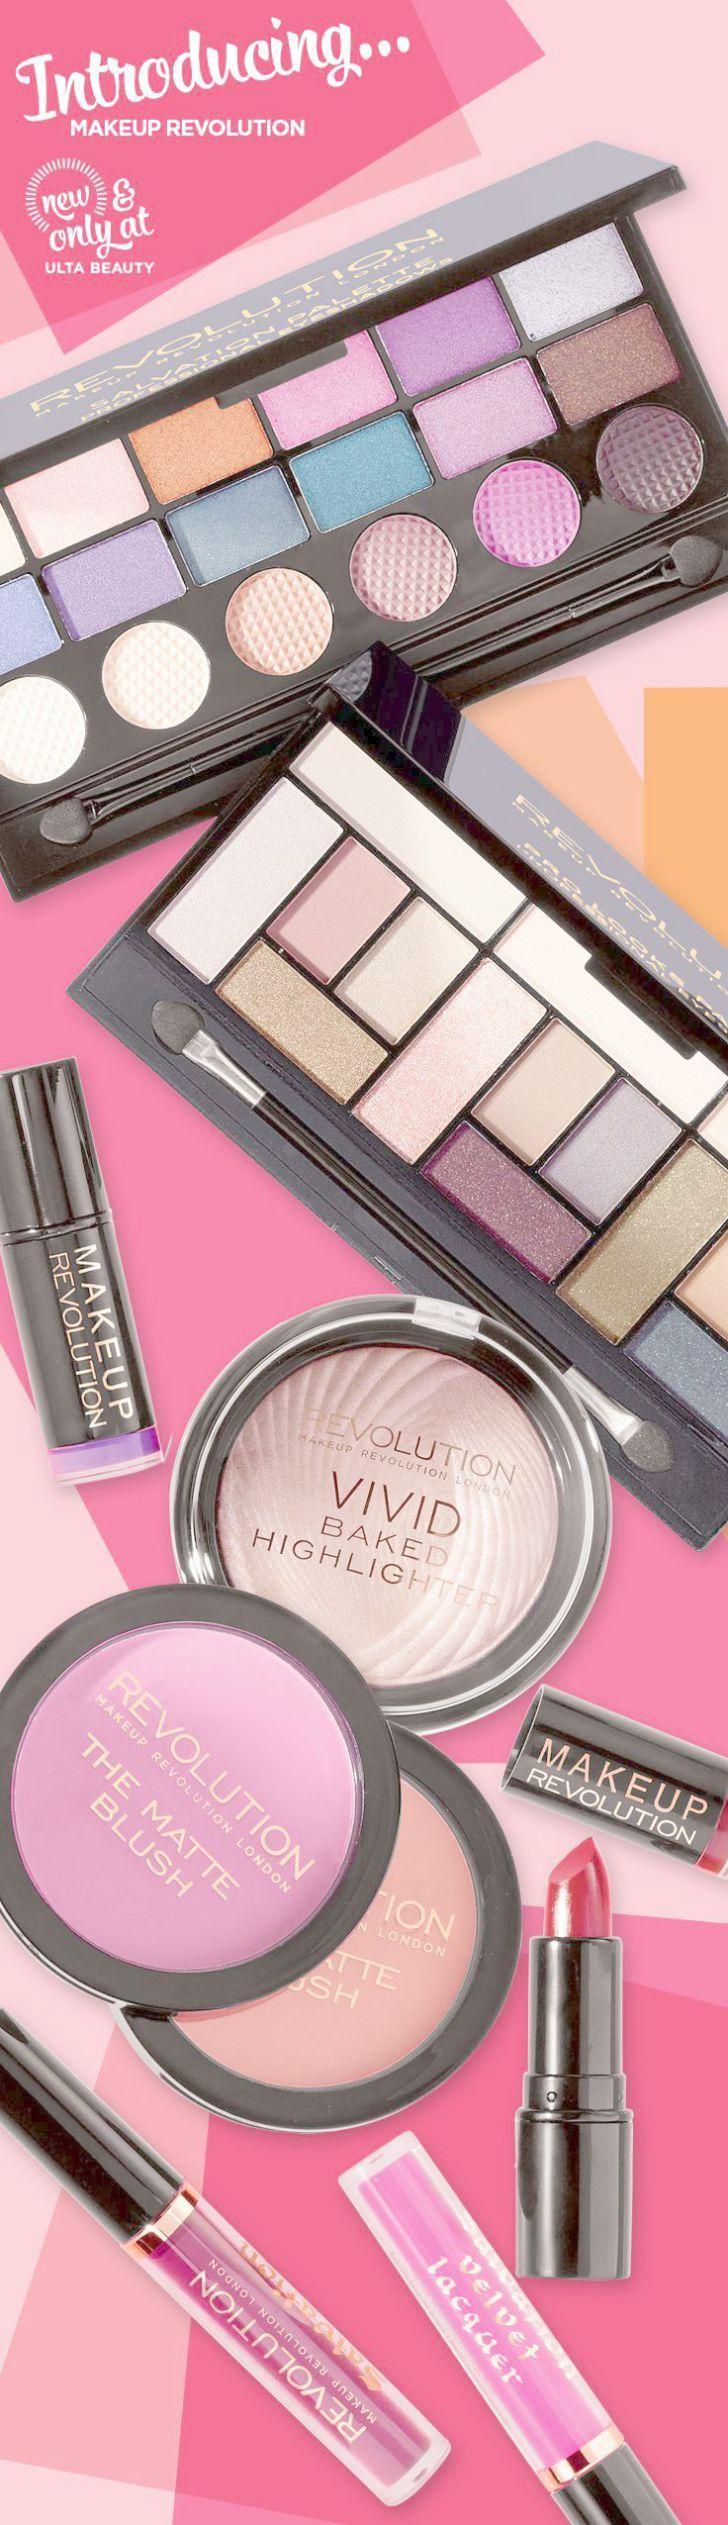 Makeup Set In Dubai per Makeup Set Hs Code via Makeup Kit